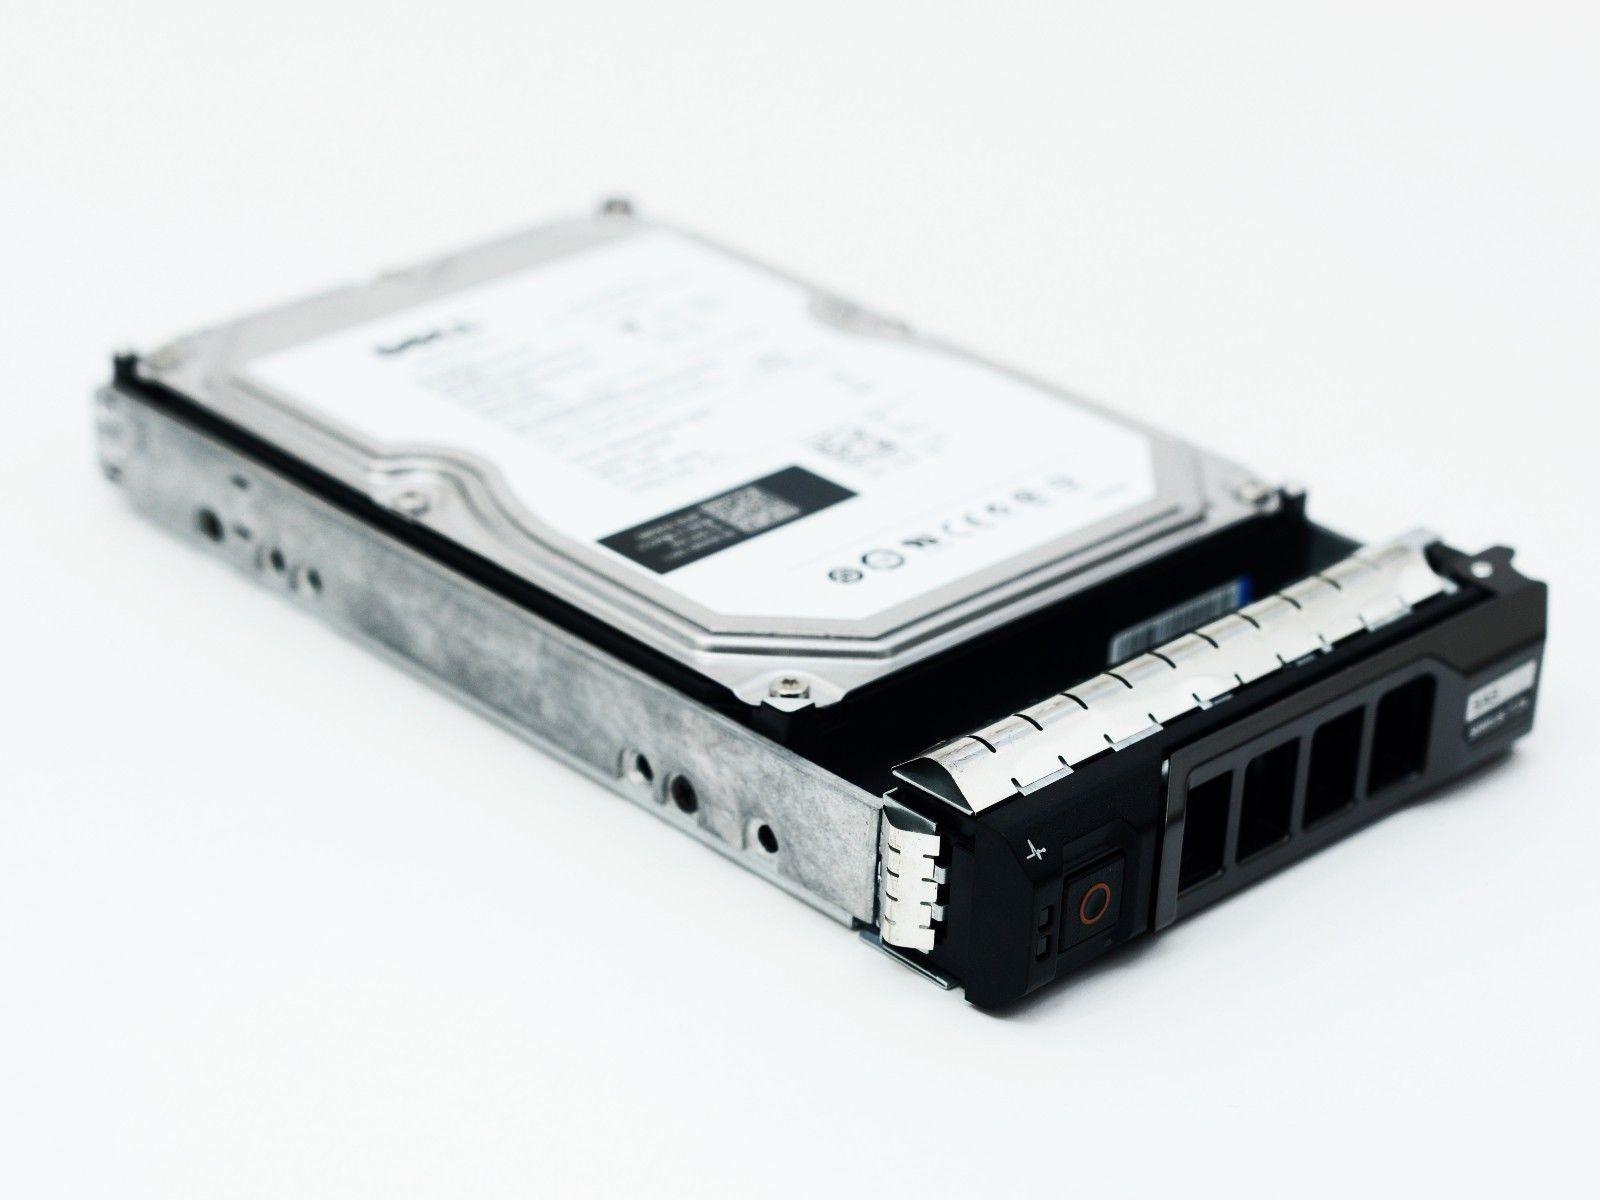 7J9RN DELL 4TB 7.2K LFF SAS HARD DRIVE Image